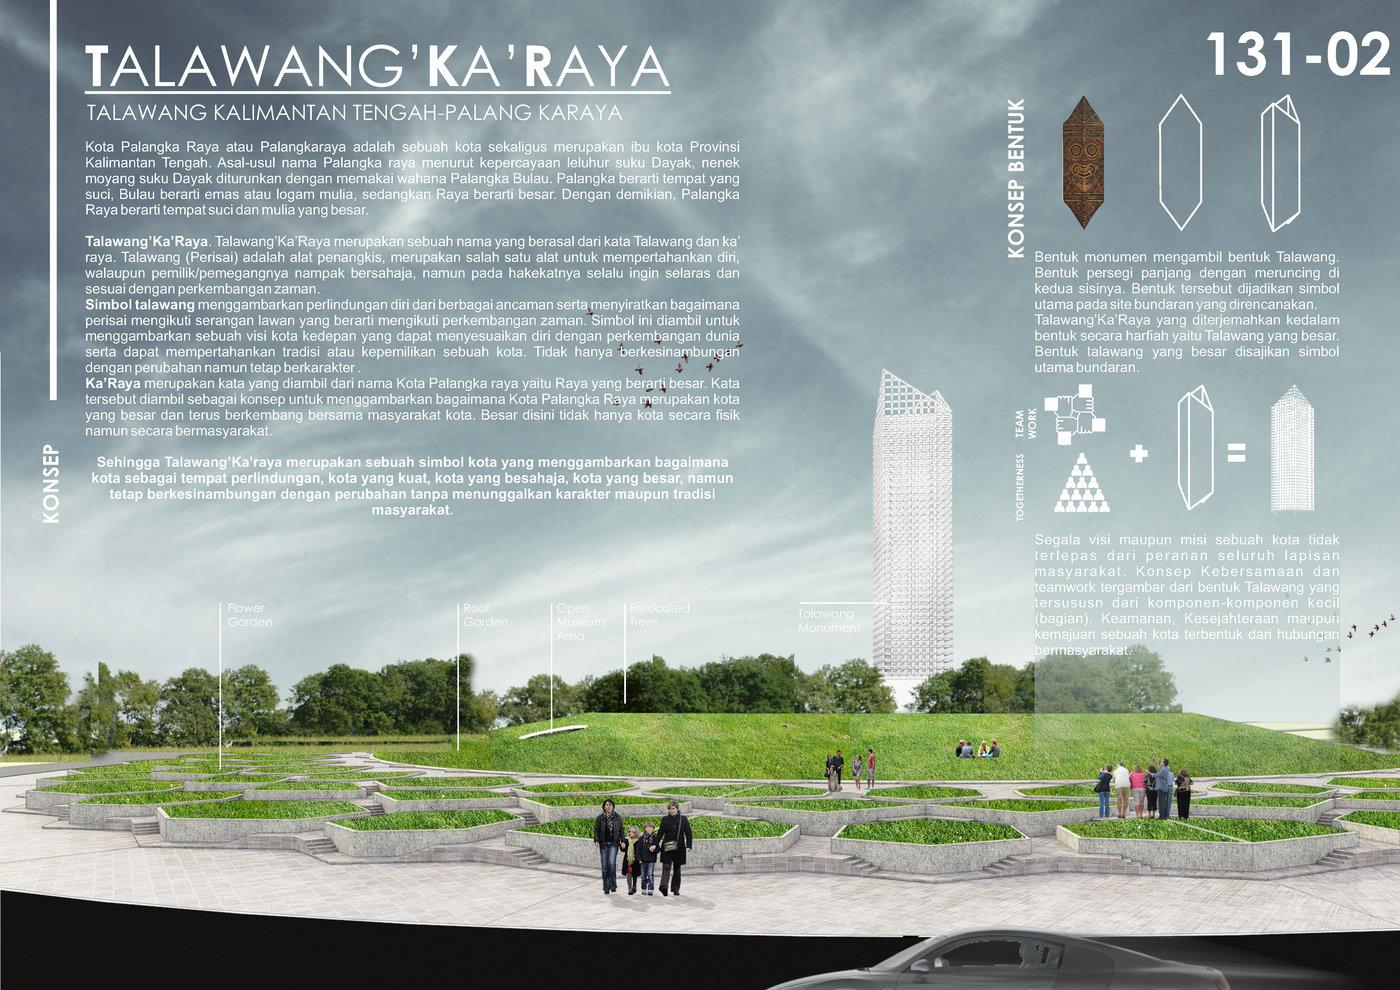 SAYEMBARA DESAIN MONUMEN BUNDARAN BESAR PALANGKA RAYA by